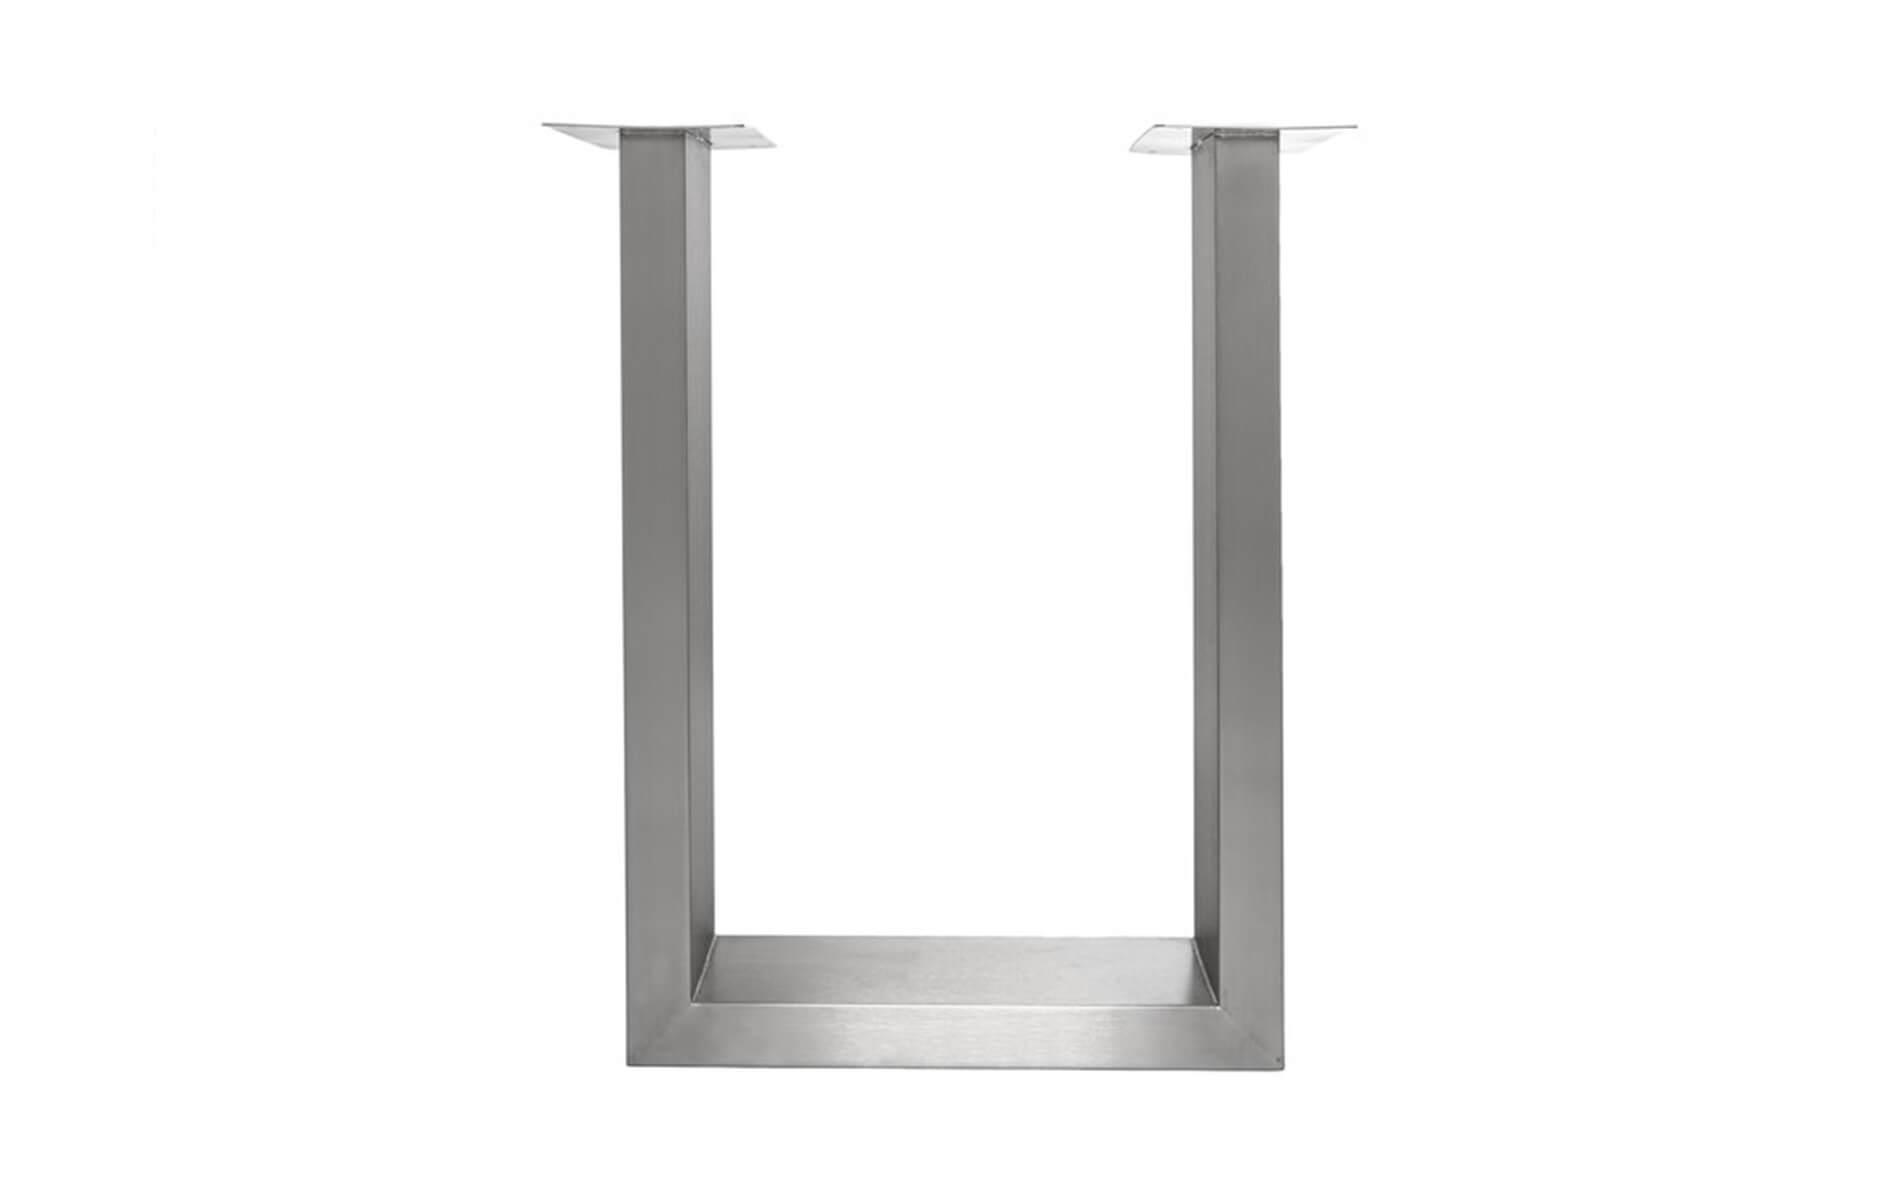 Tischgestelle ps tischdesign for Ps tischdesign lohr